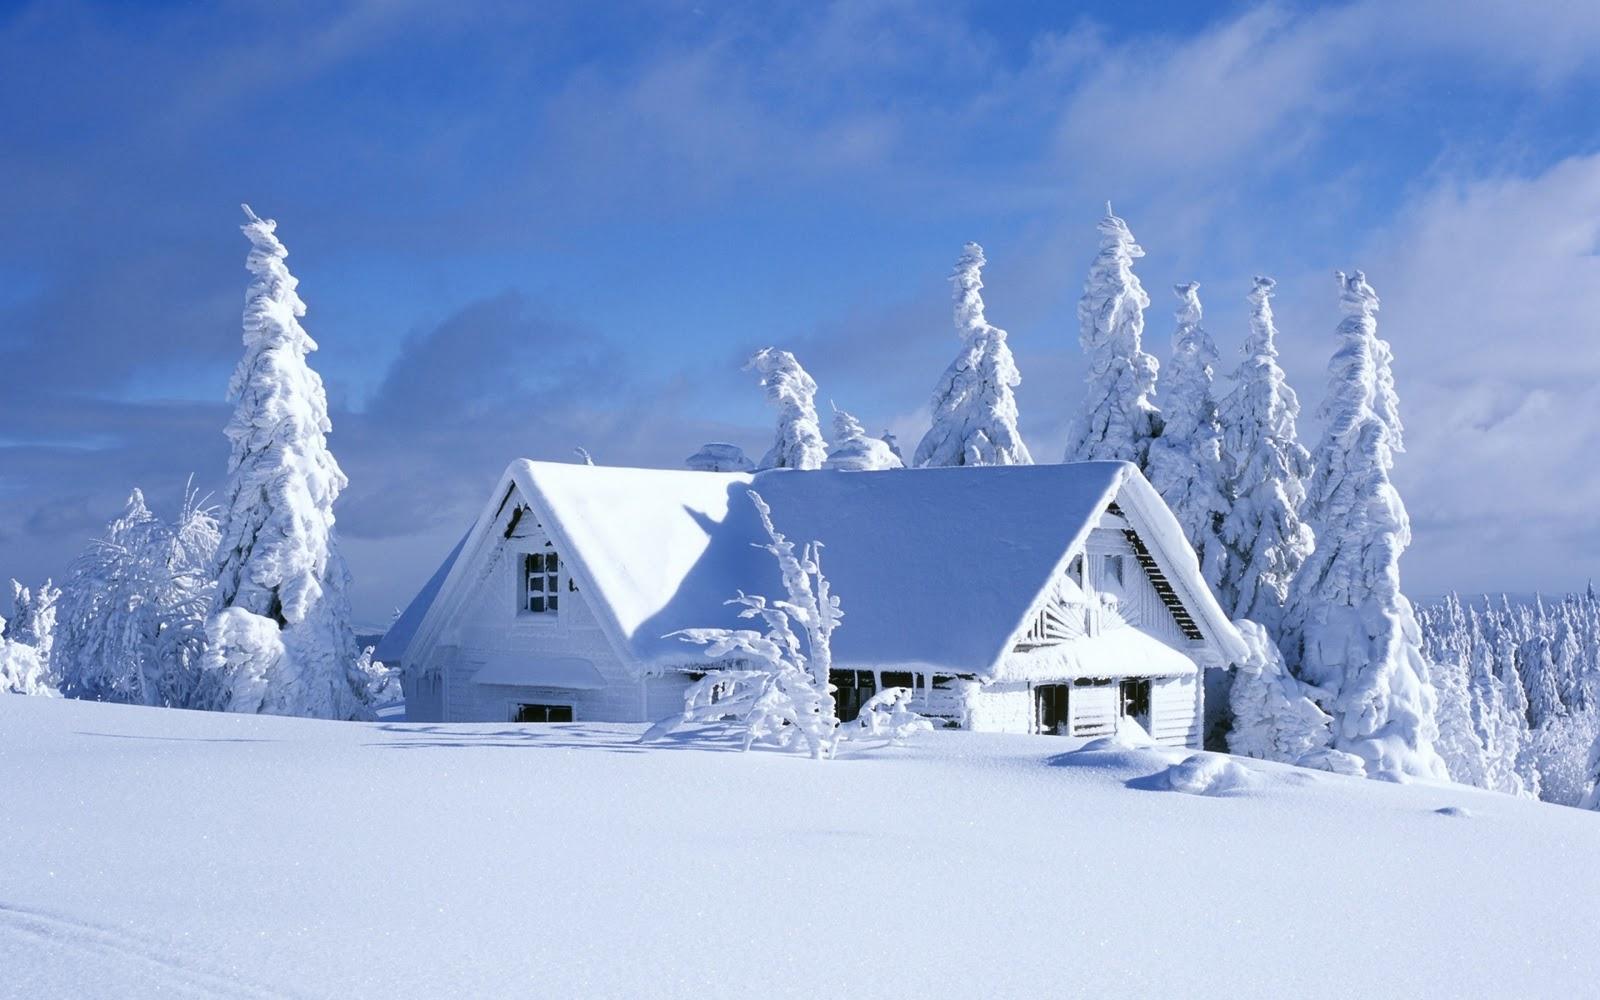 wallpaper Wallpaper Downloads Winter Wallpaper HD For Desktop 1600x1000